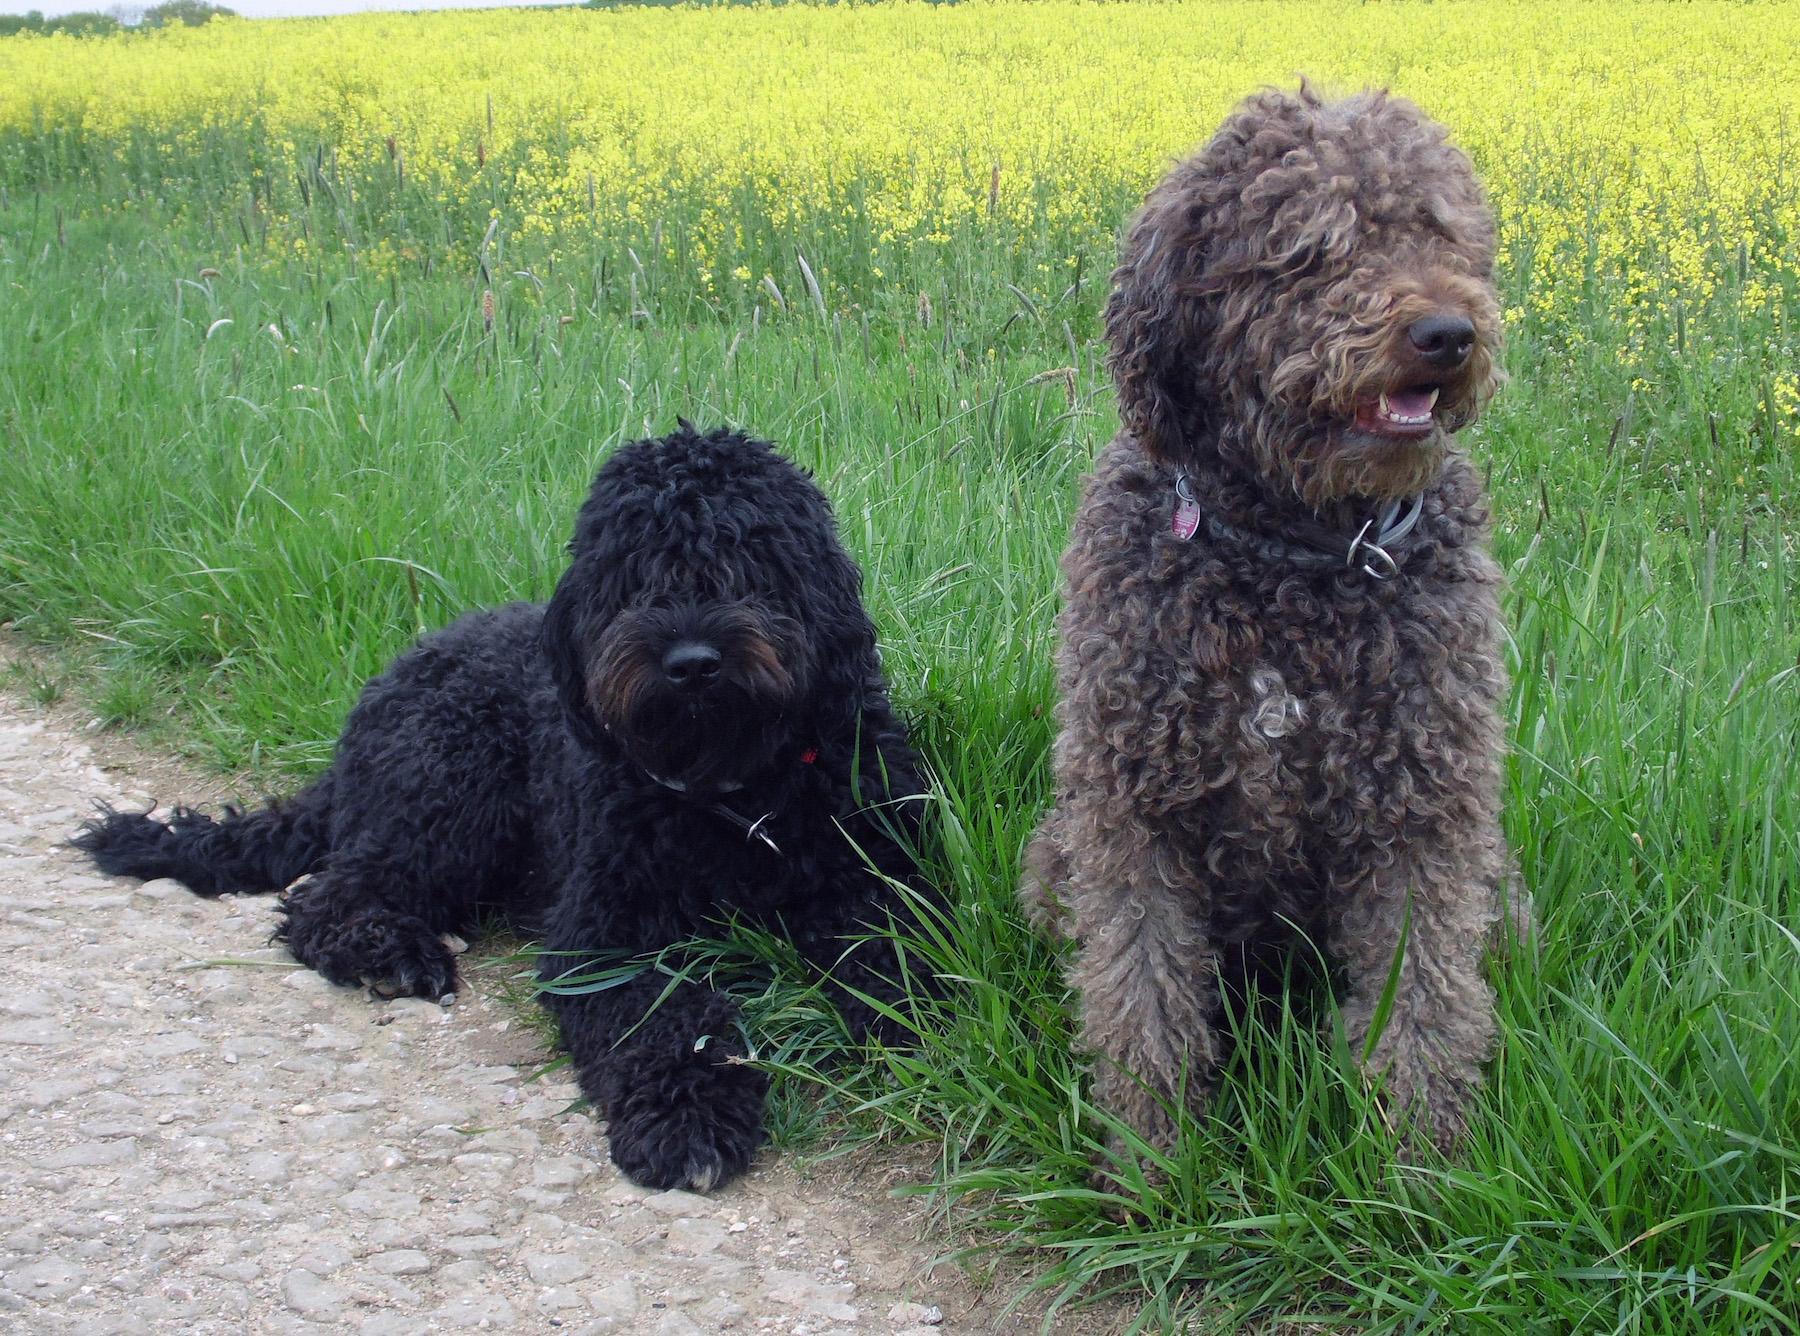 Foto: Verein für französische Vorstehhunde (VBBFL)